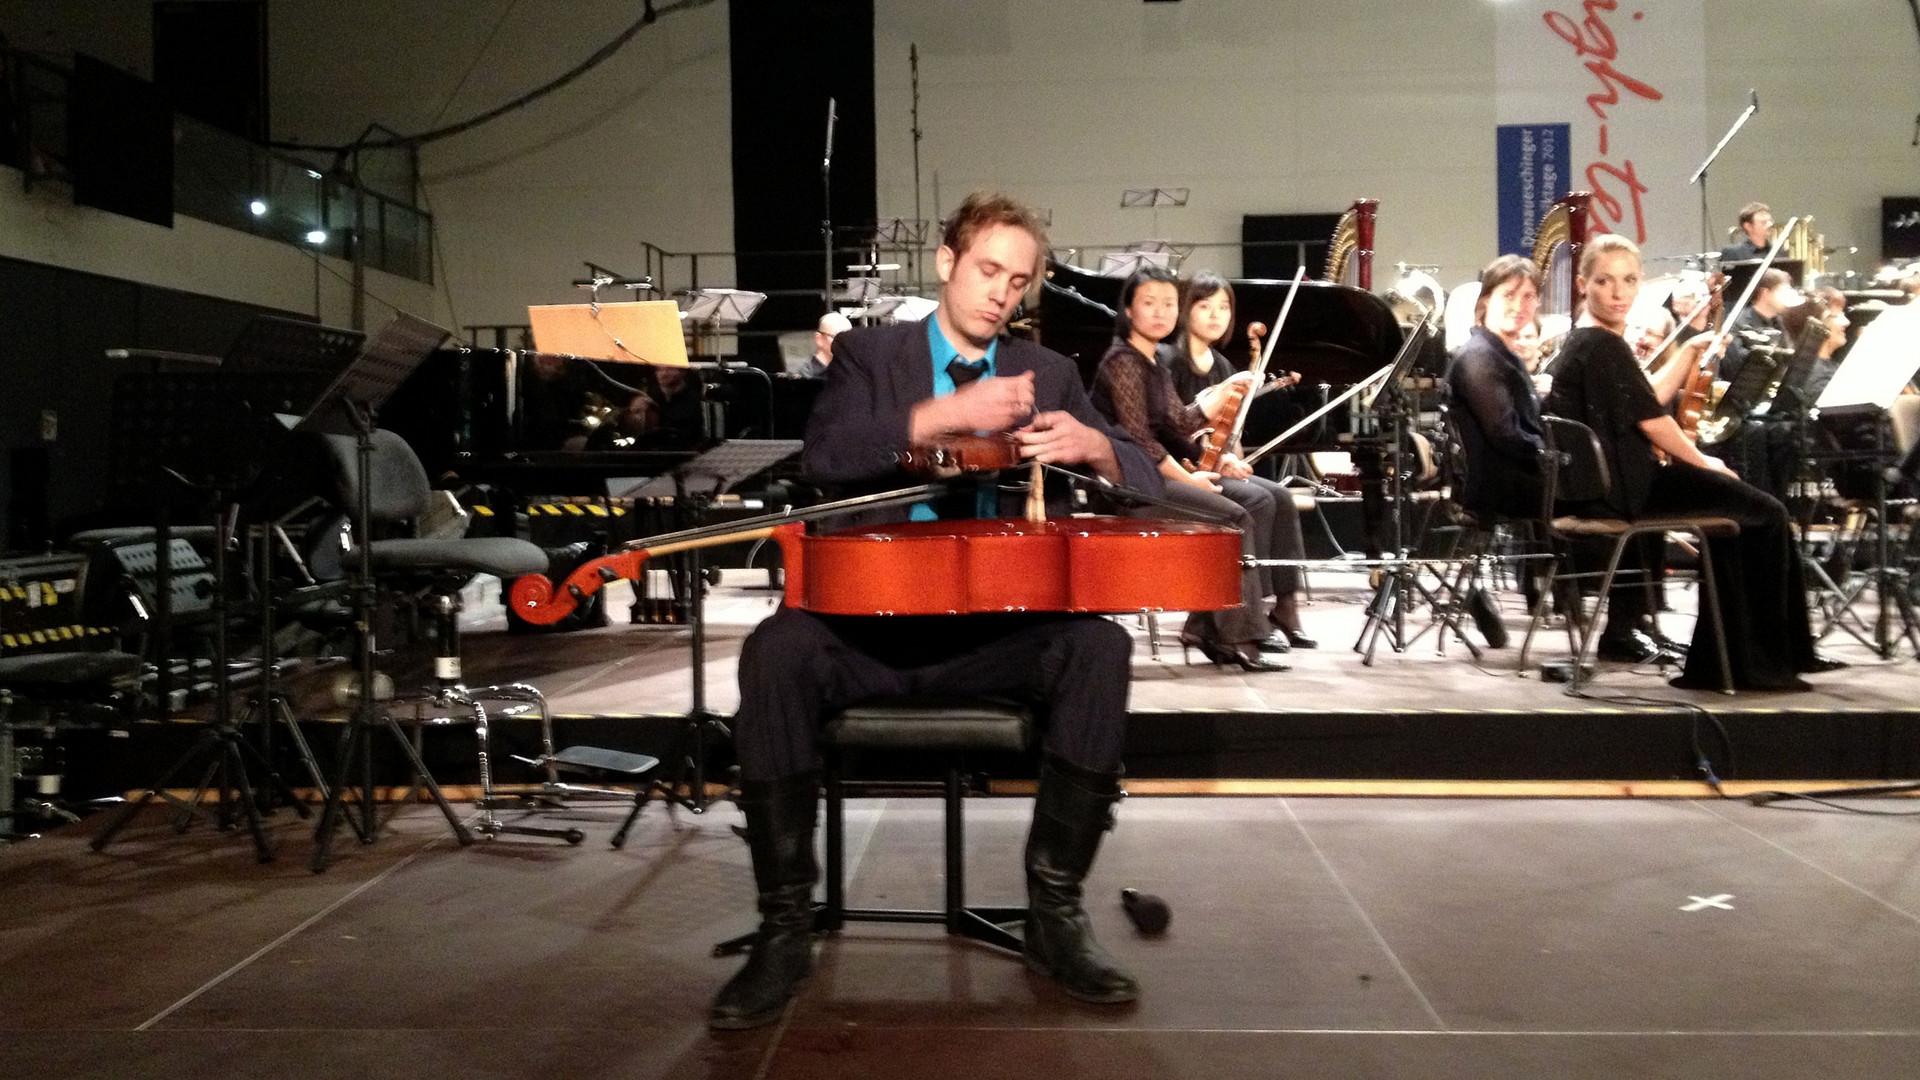 Musiktage Donaueschingen 2012/ Johannes Kreidler im Auftrag der Gesellschaft für Neue Musik